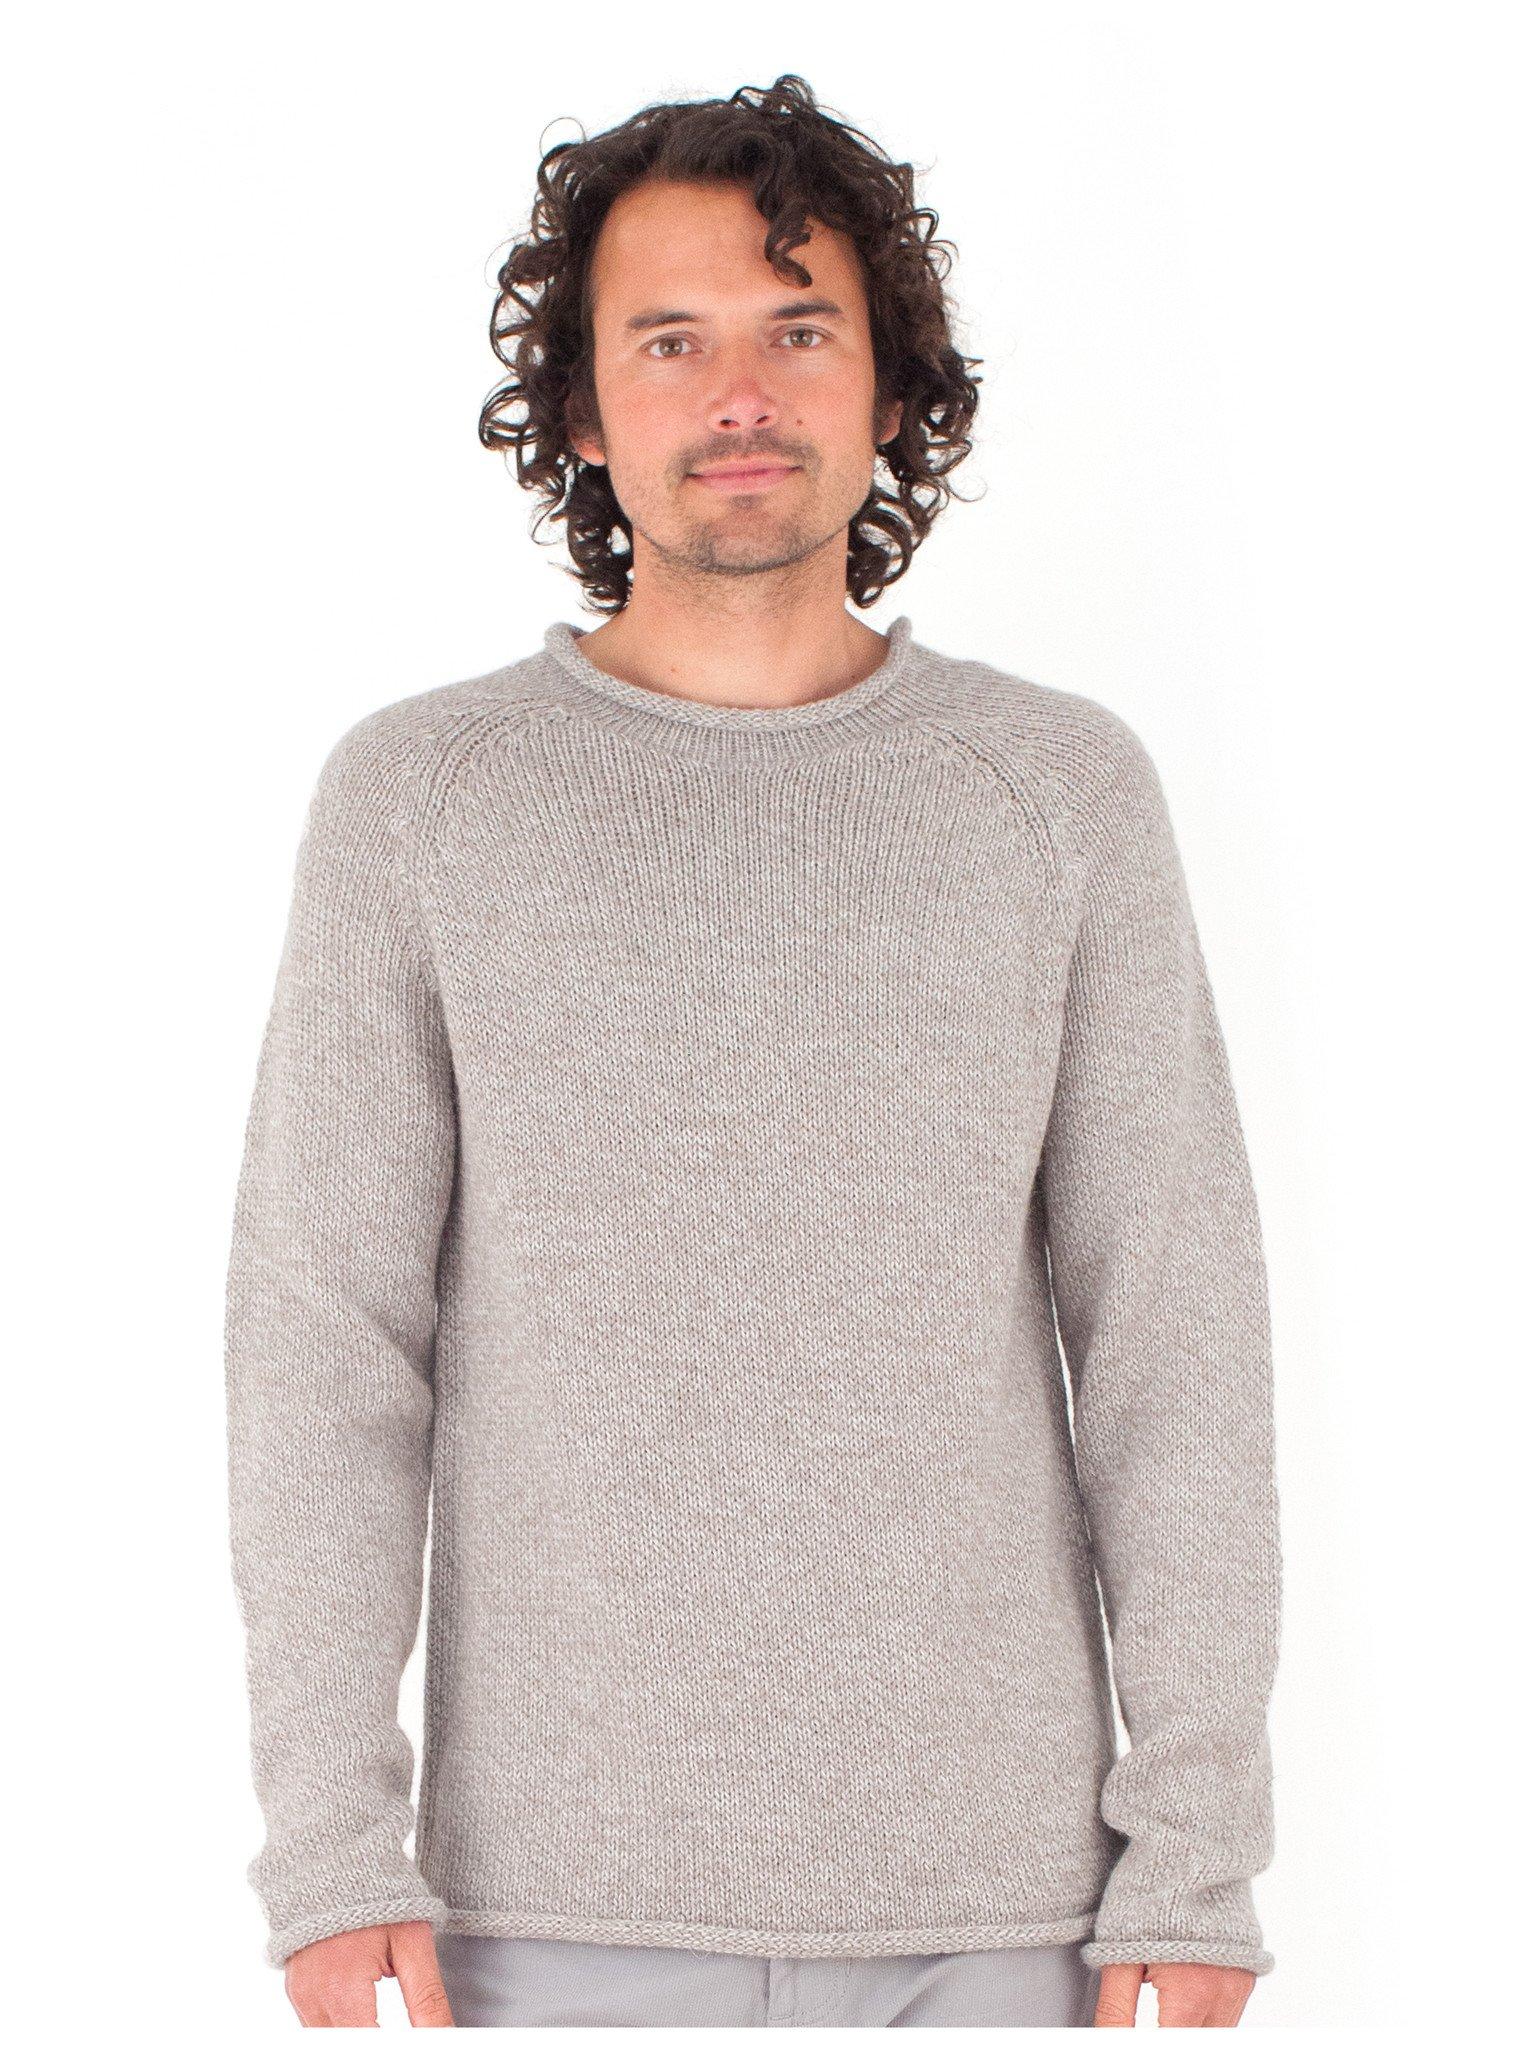 fisherman sweater; fisherman sweater ... olumknh